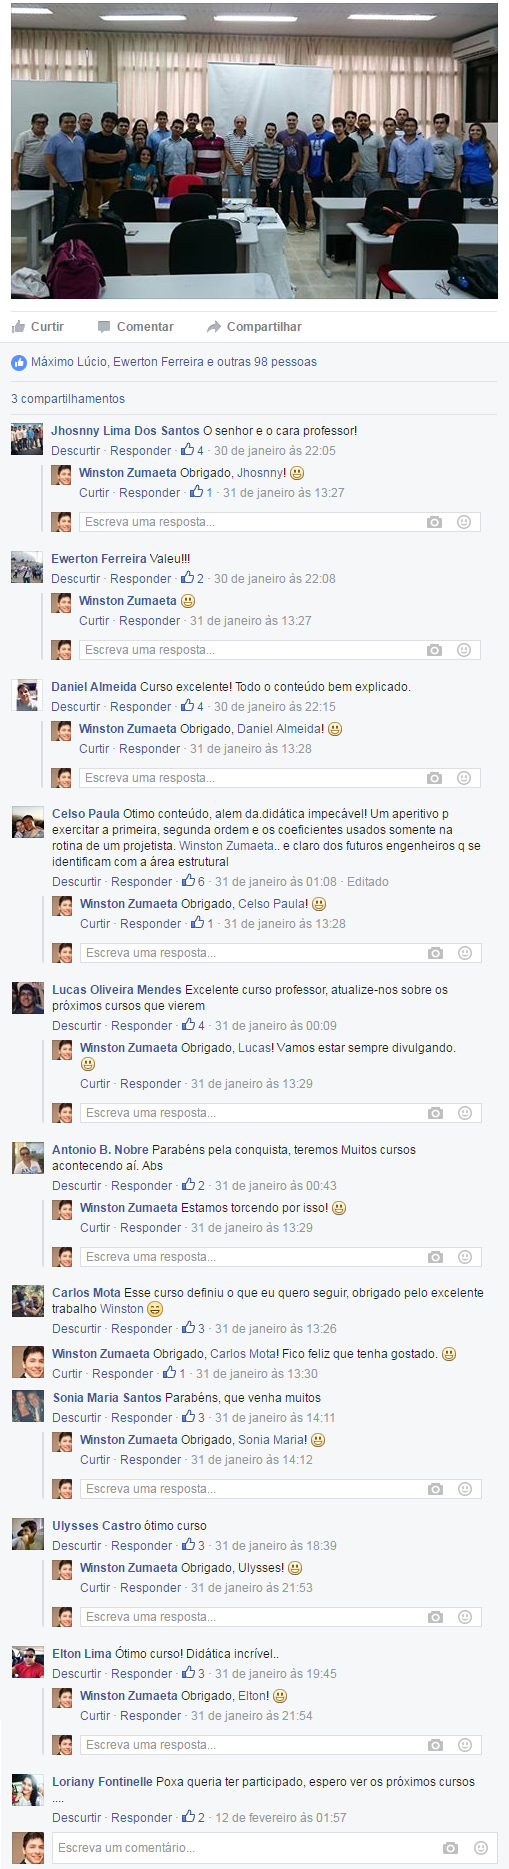 Comentários no facebook